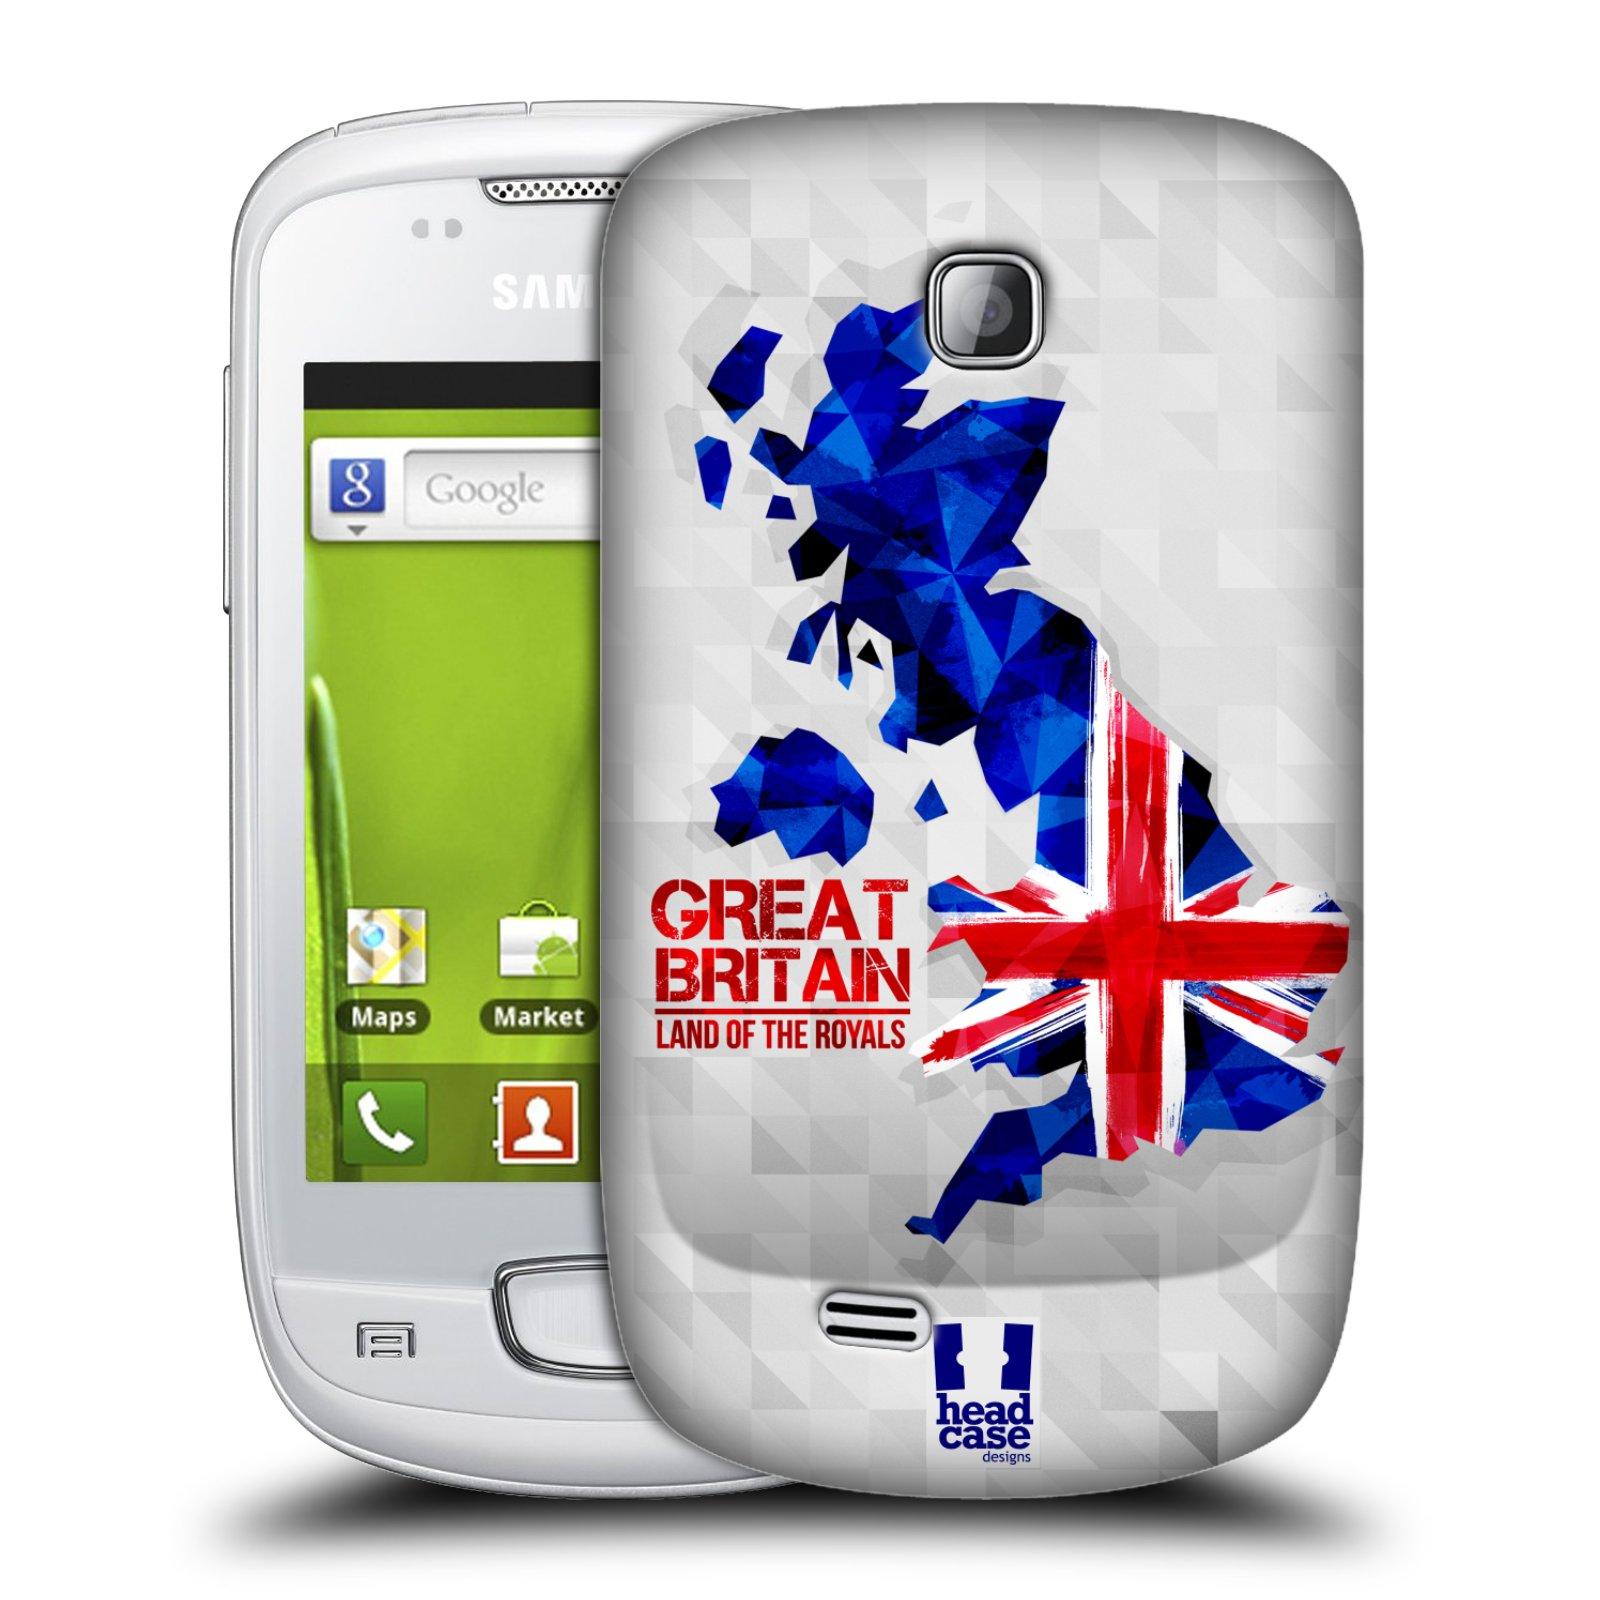 Plastové pouzdro na mobil Samsung Galaxy Mini HEAD CASE GEOMAPA VELKÁ BRTÁNIE (Kryt či obal na mobilní telefon Samsung Galaxy Mini GT-S5570 / GT-S5570i)